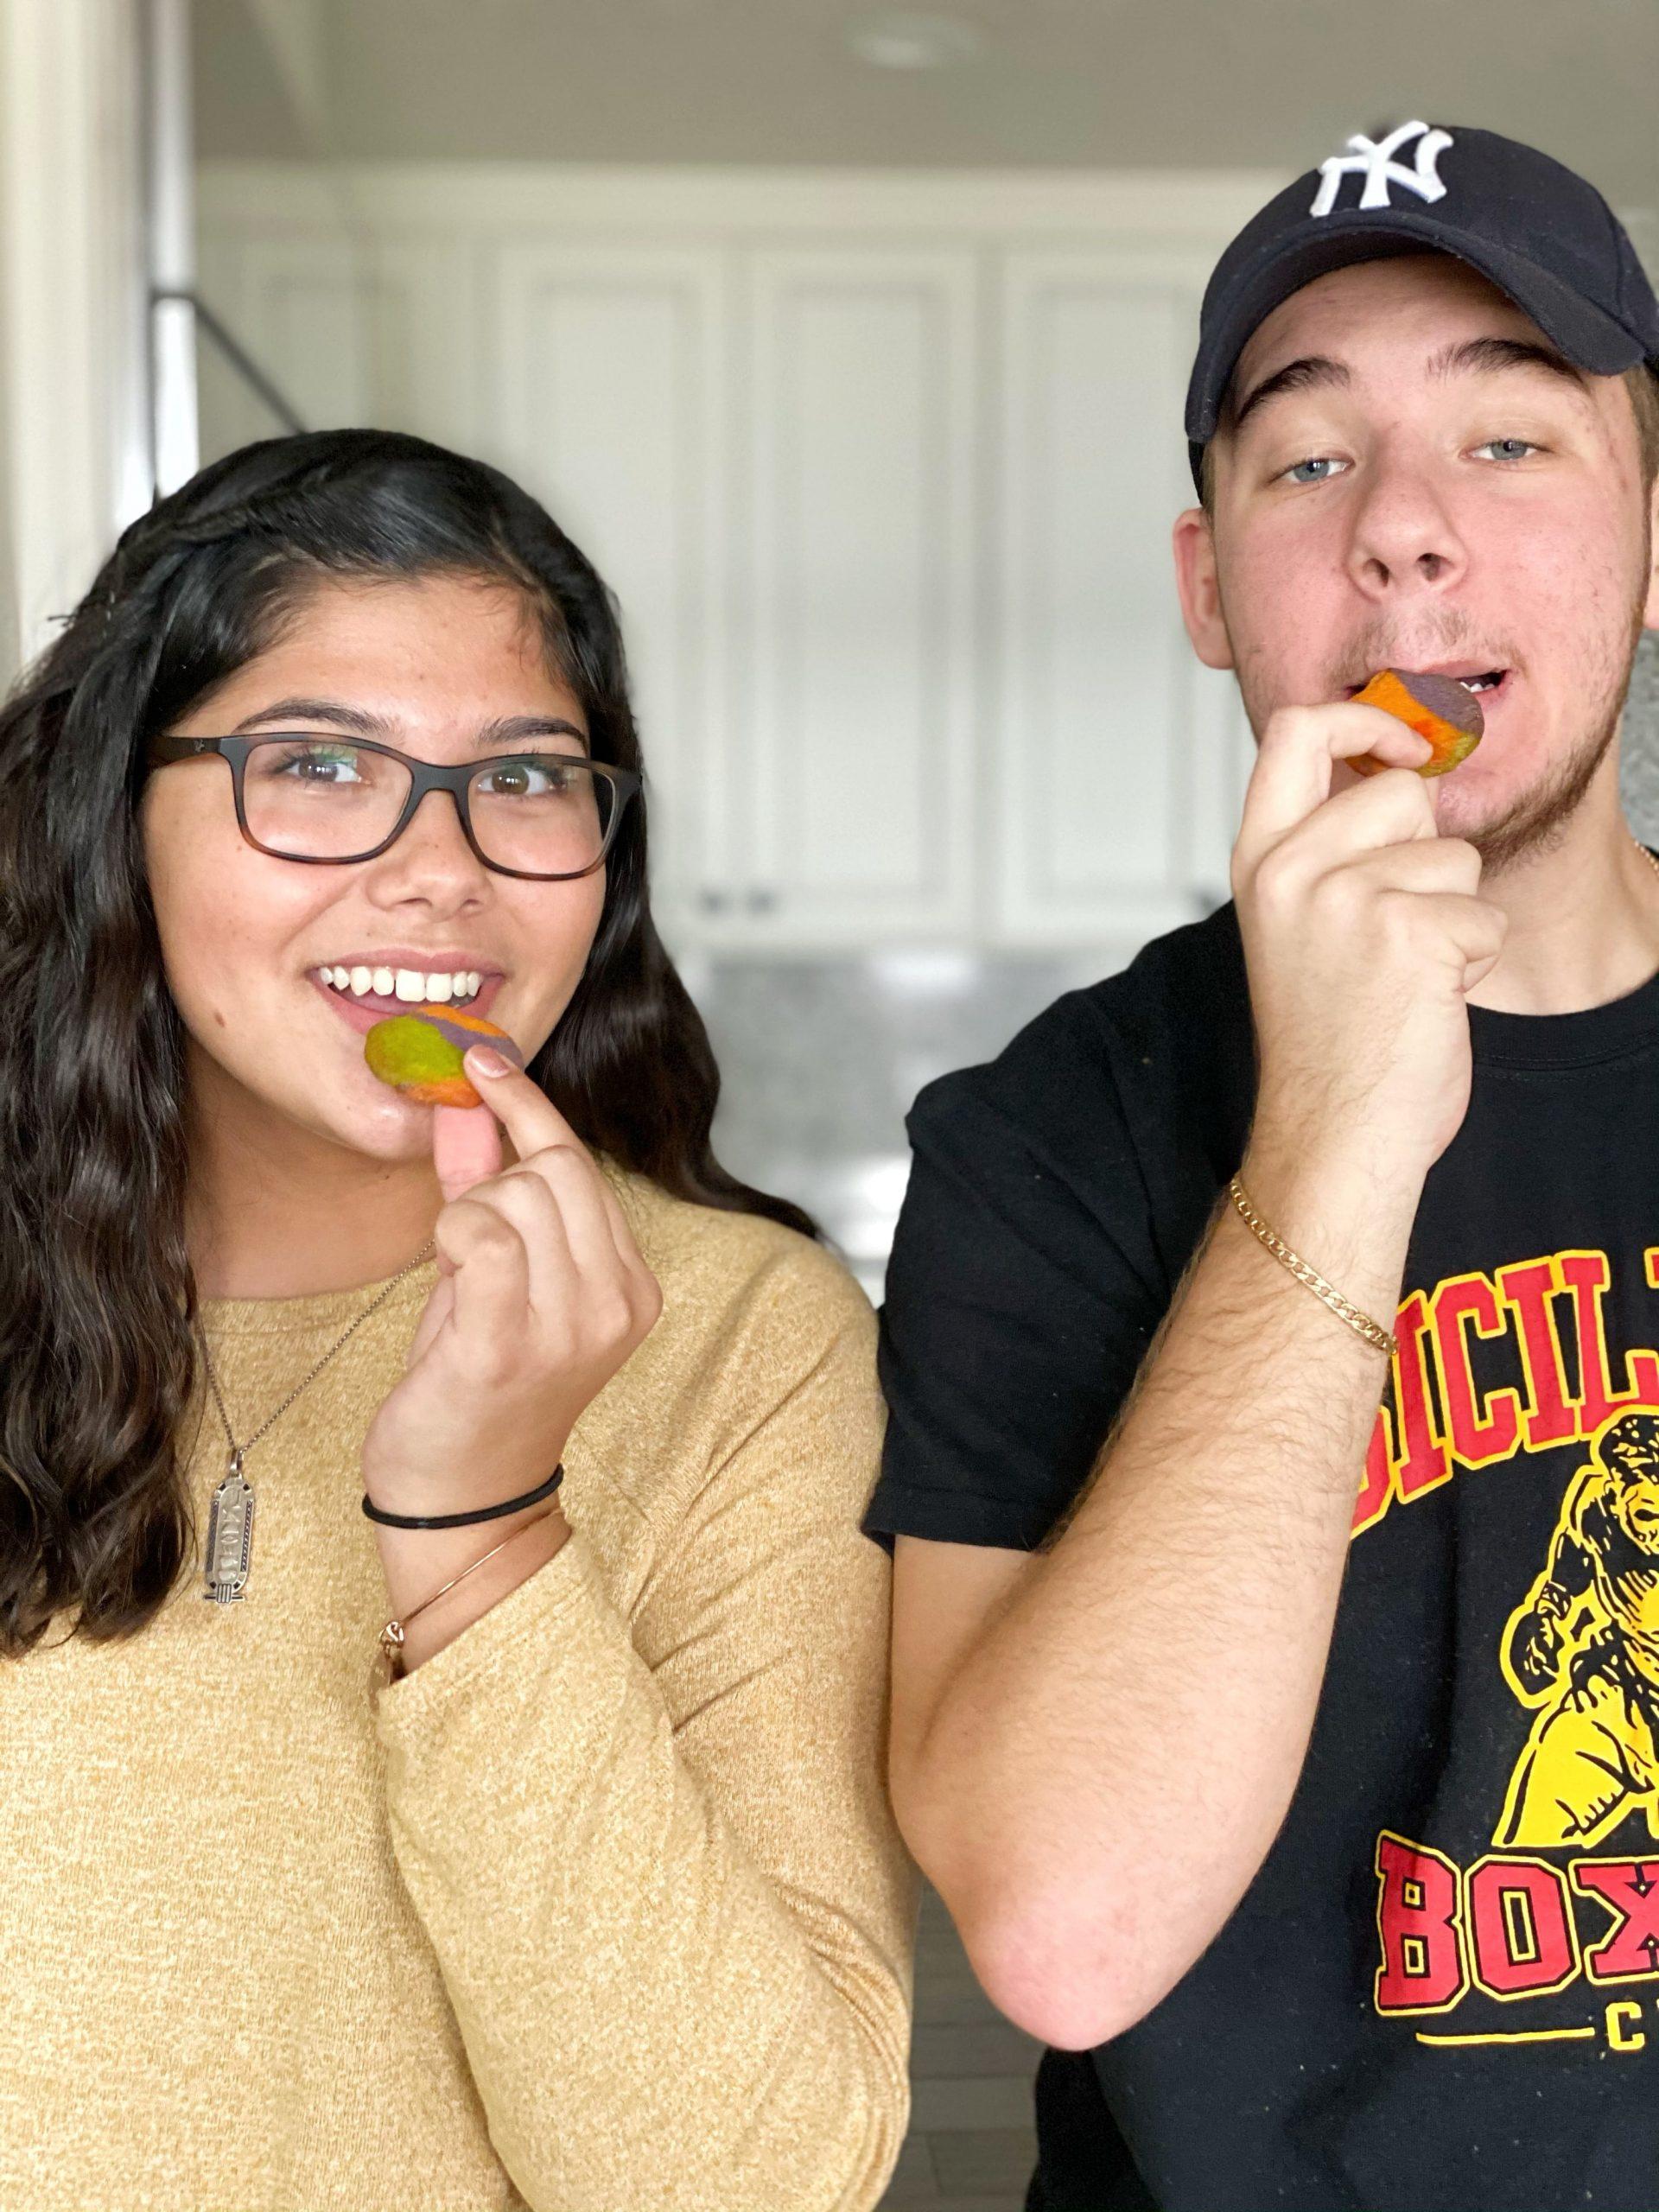 teenagers eating cookies